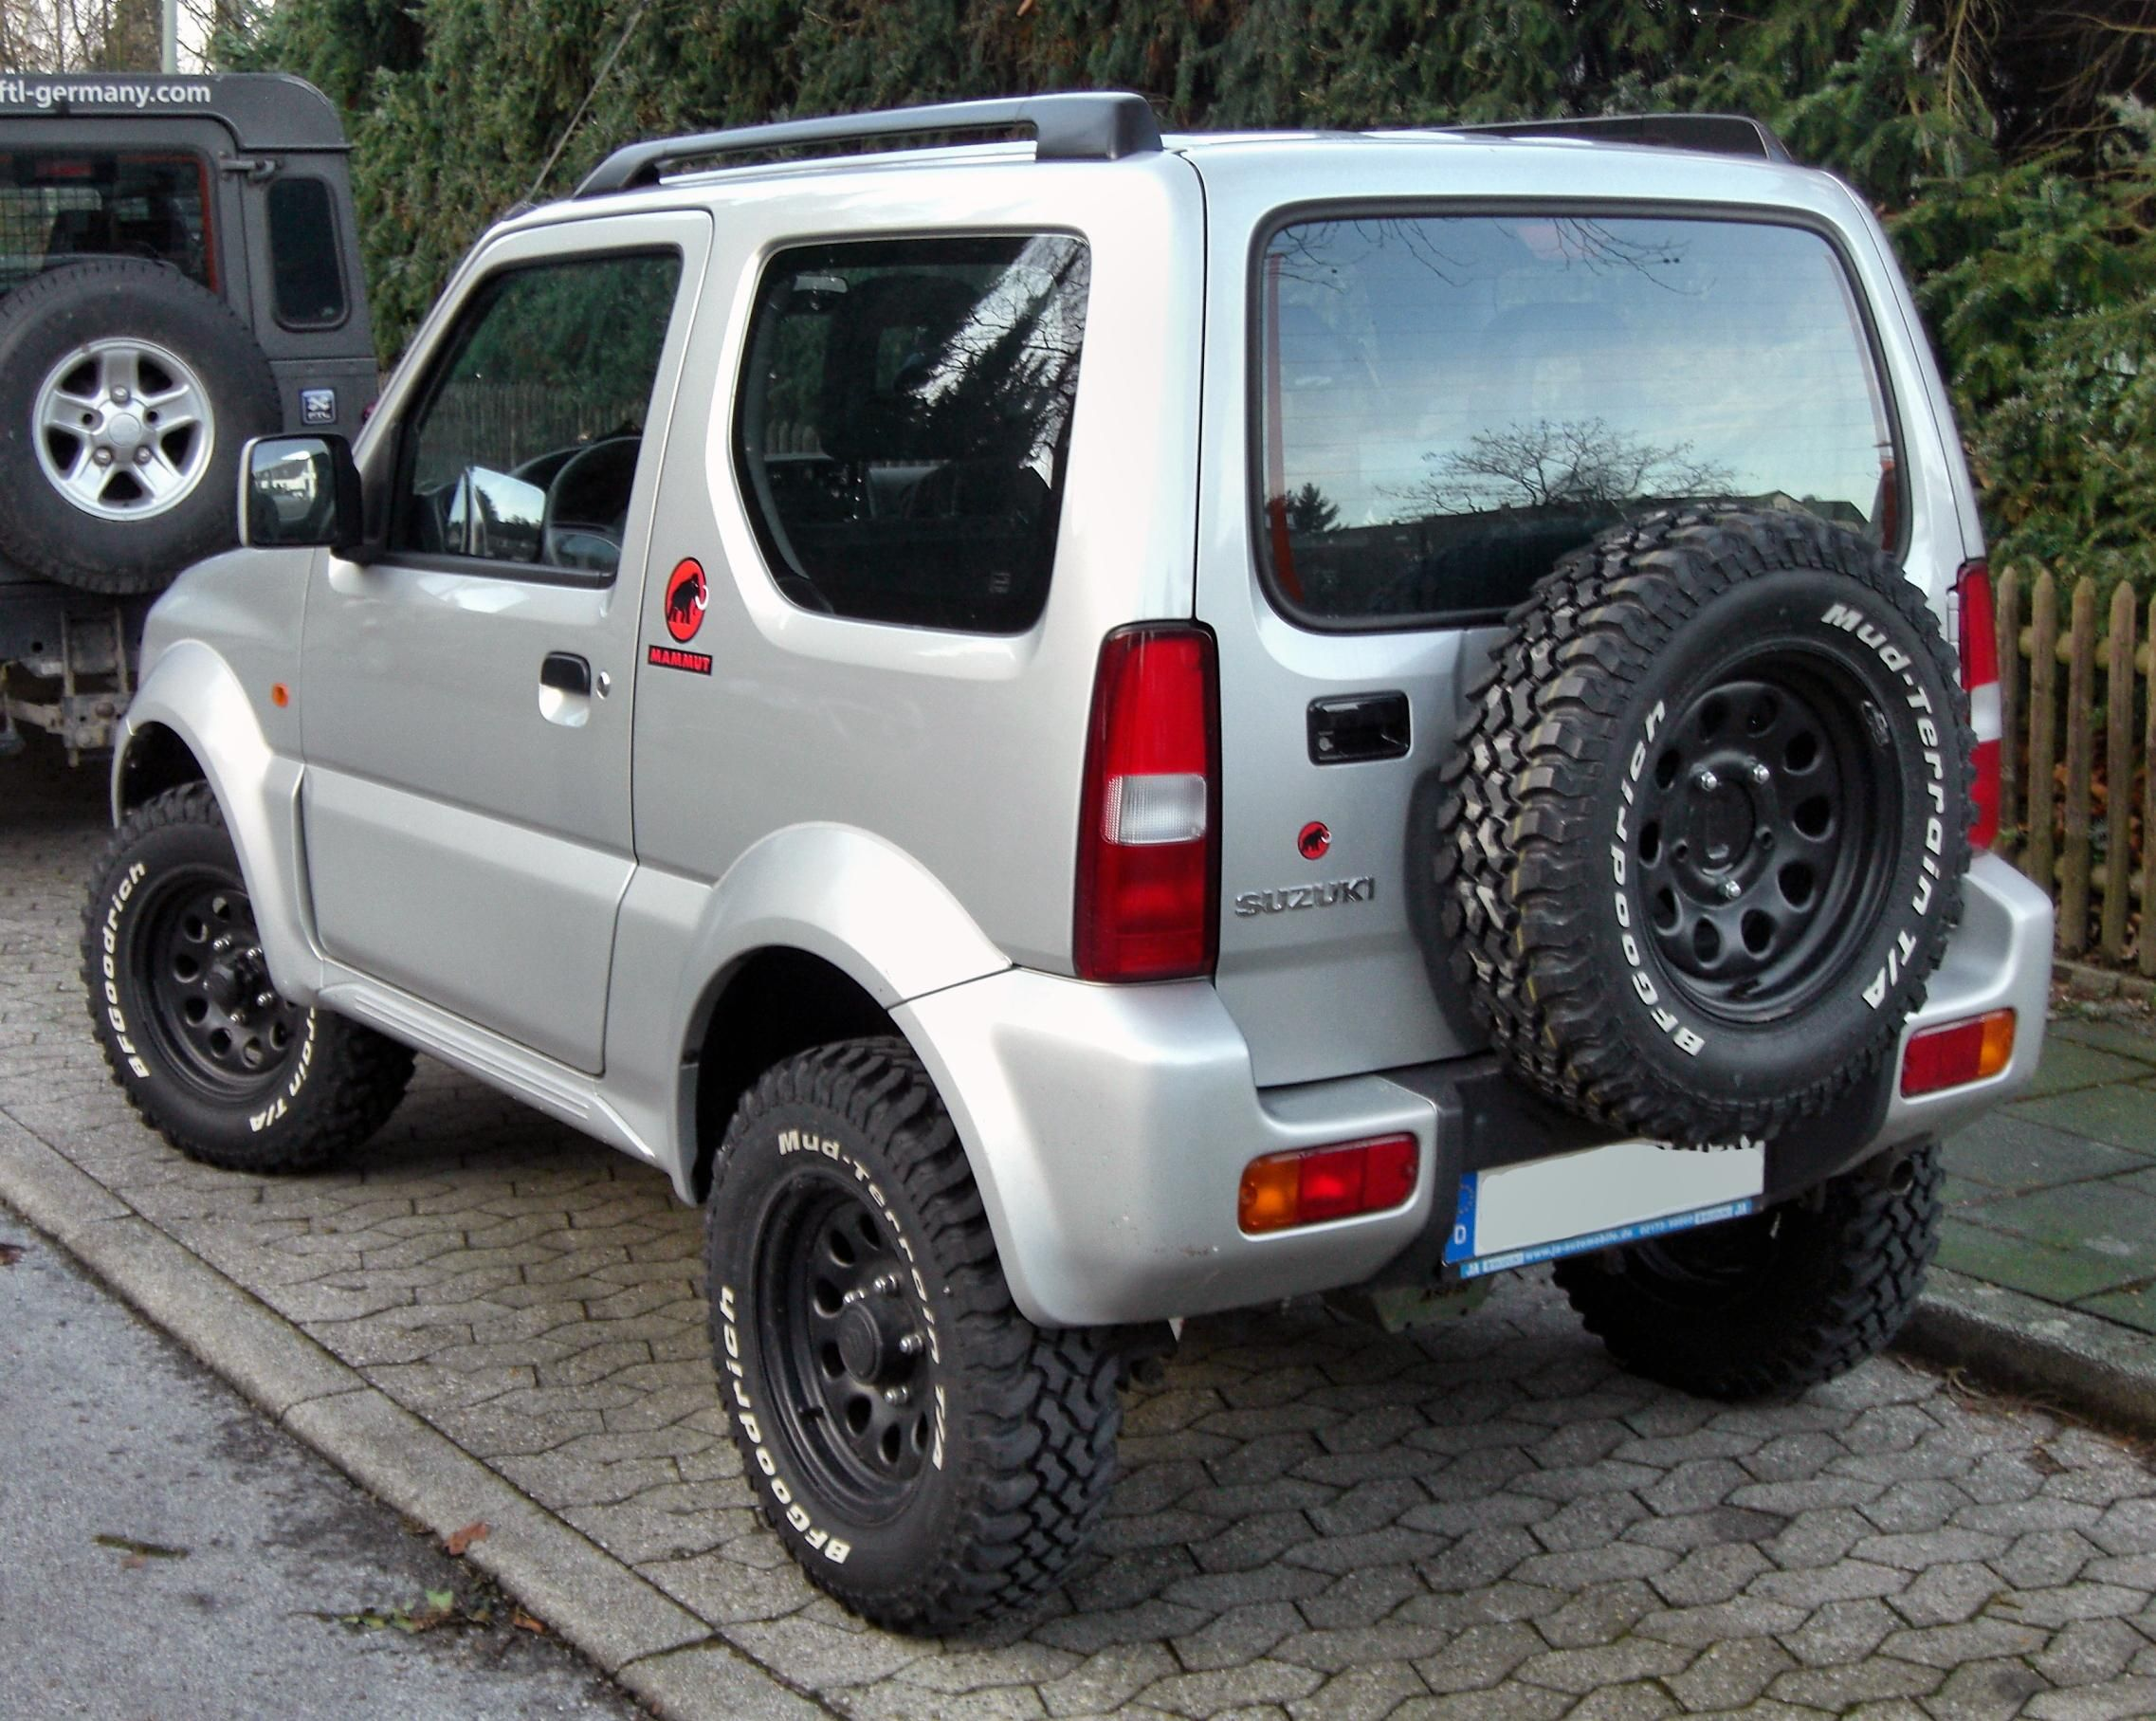 The Look I Want For My Jeep Suzuki Jimny Suzuki Suzuki Vitara 4x4